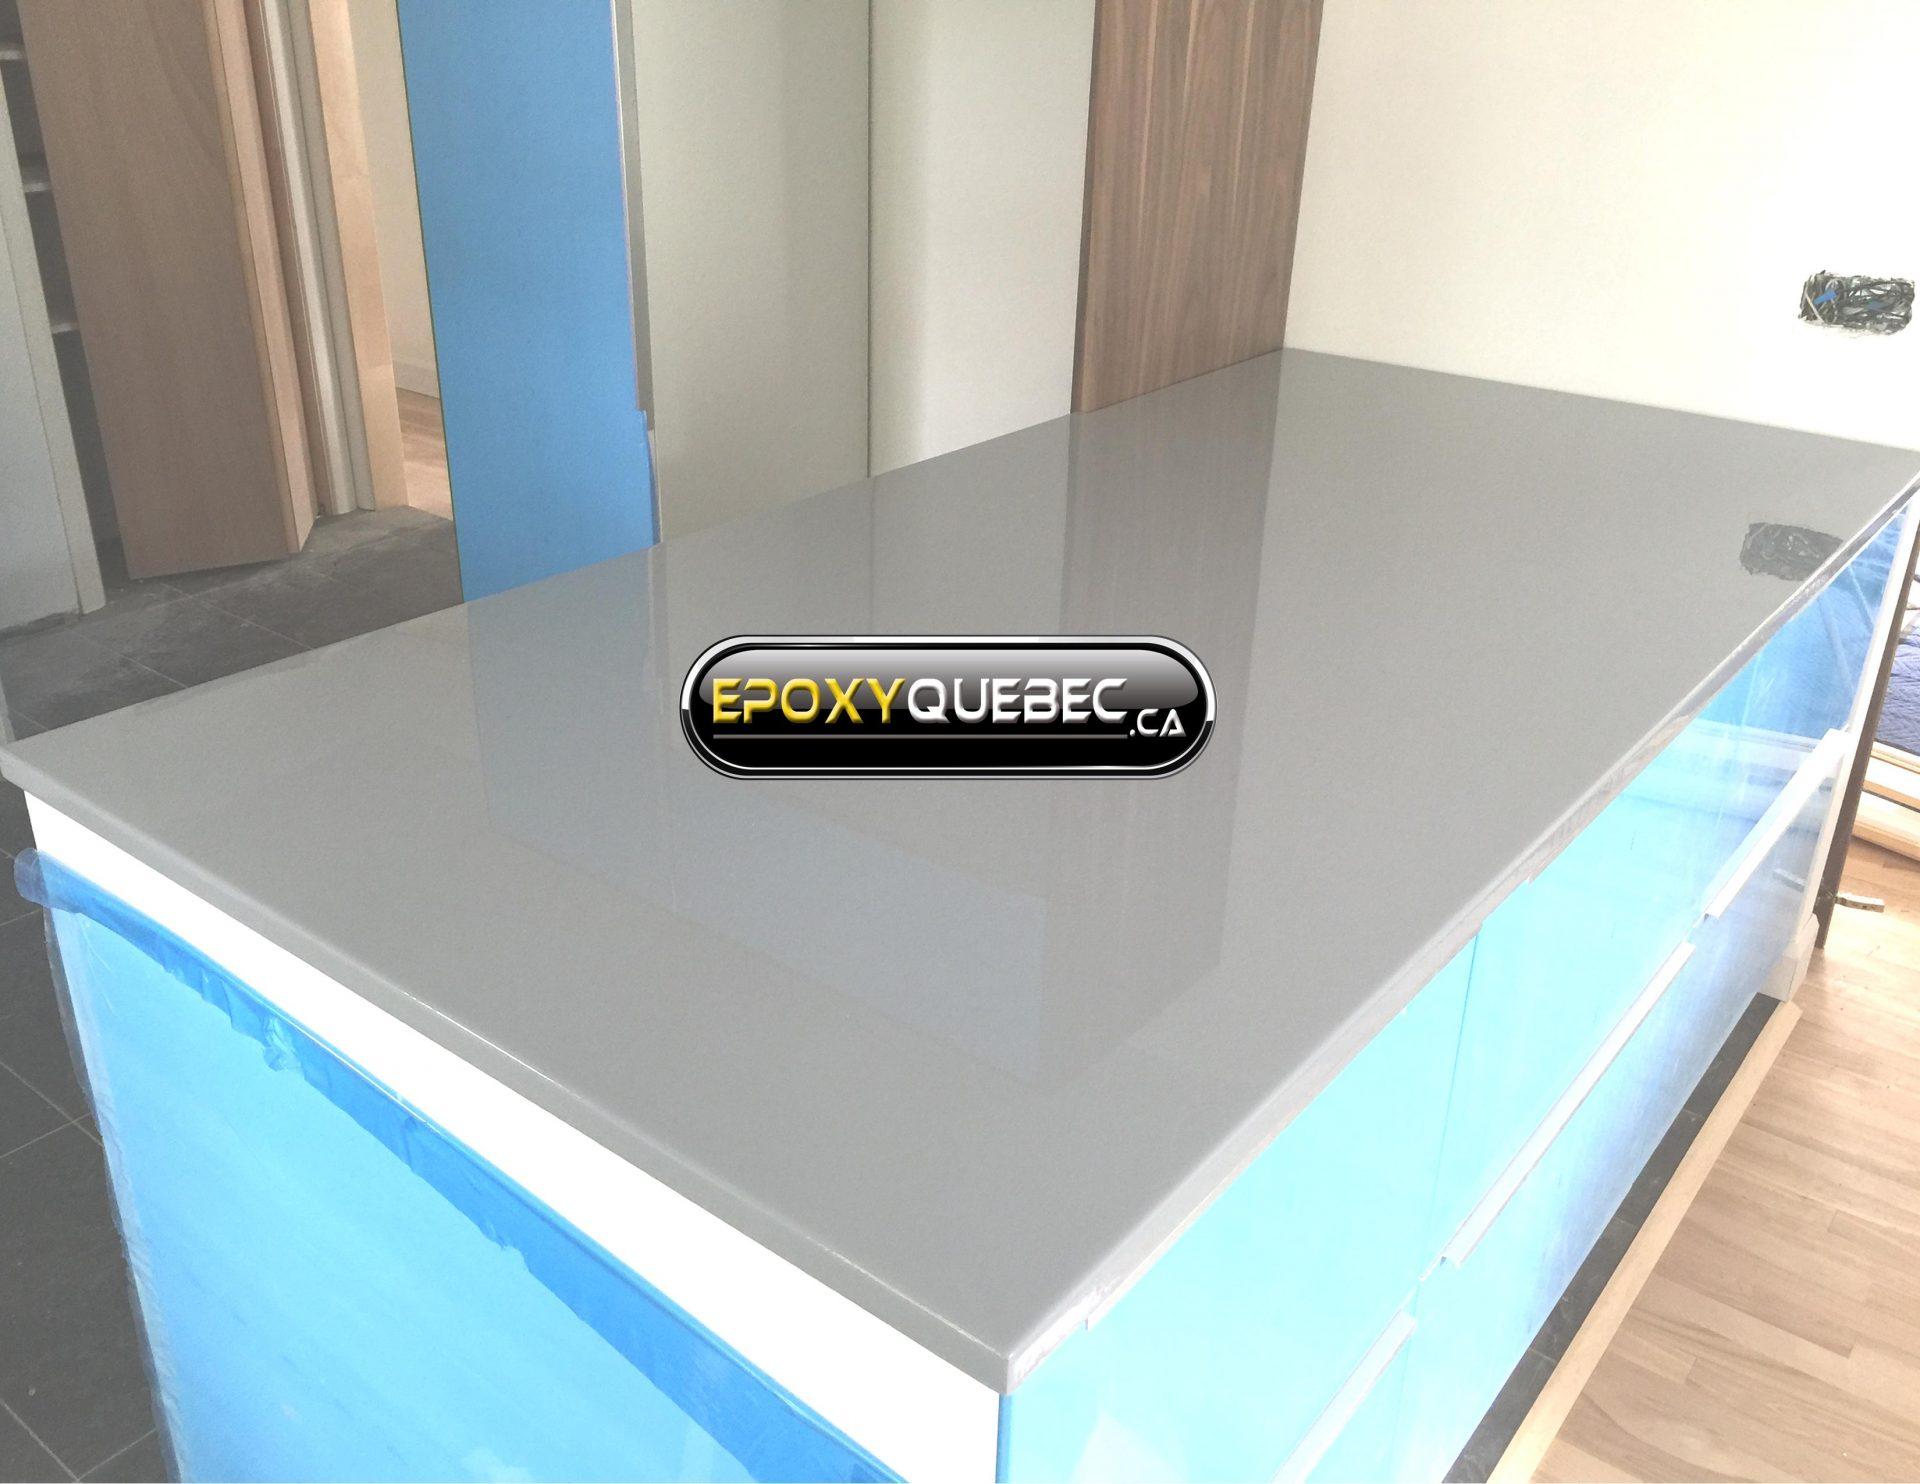 Comment Installer Un Comptoir De Cuisine comptoir - epoxy québec